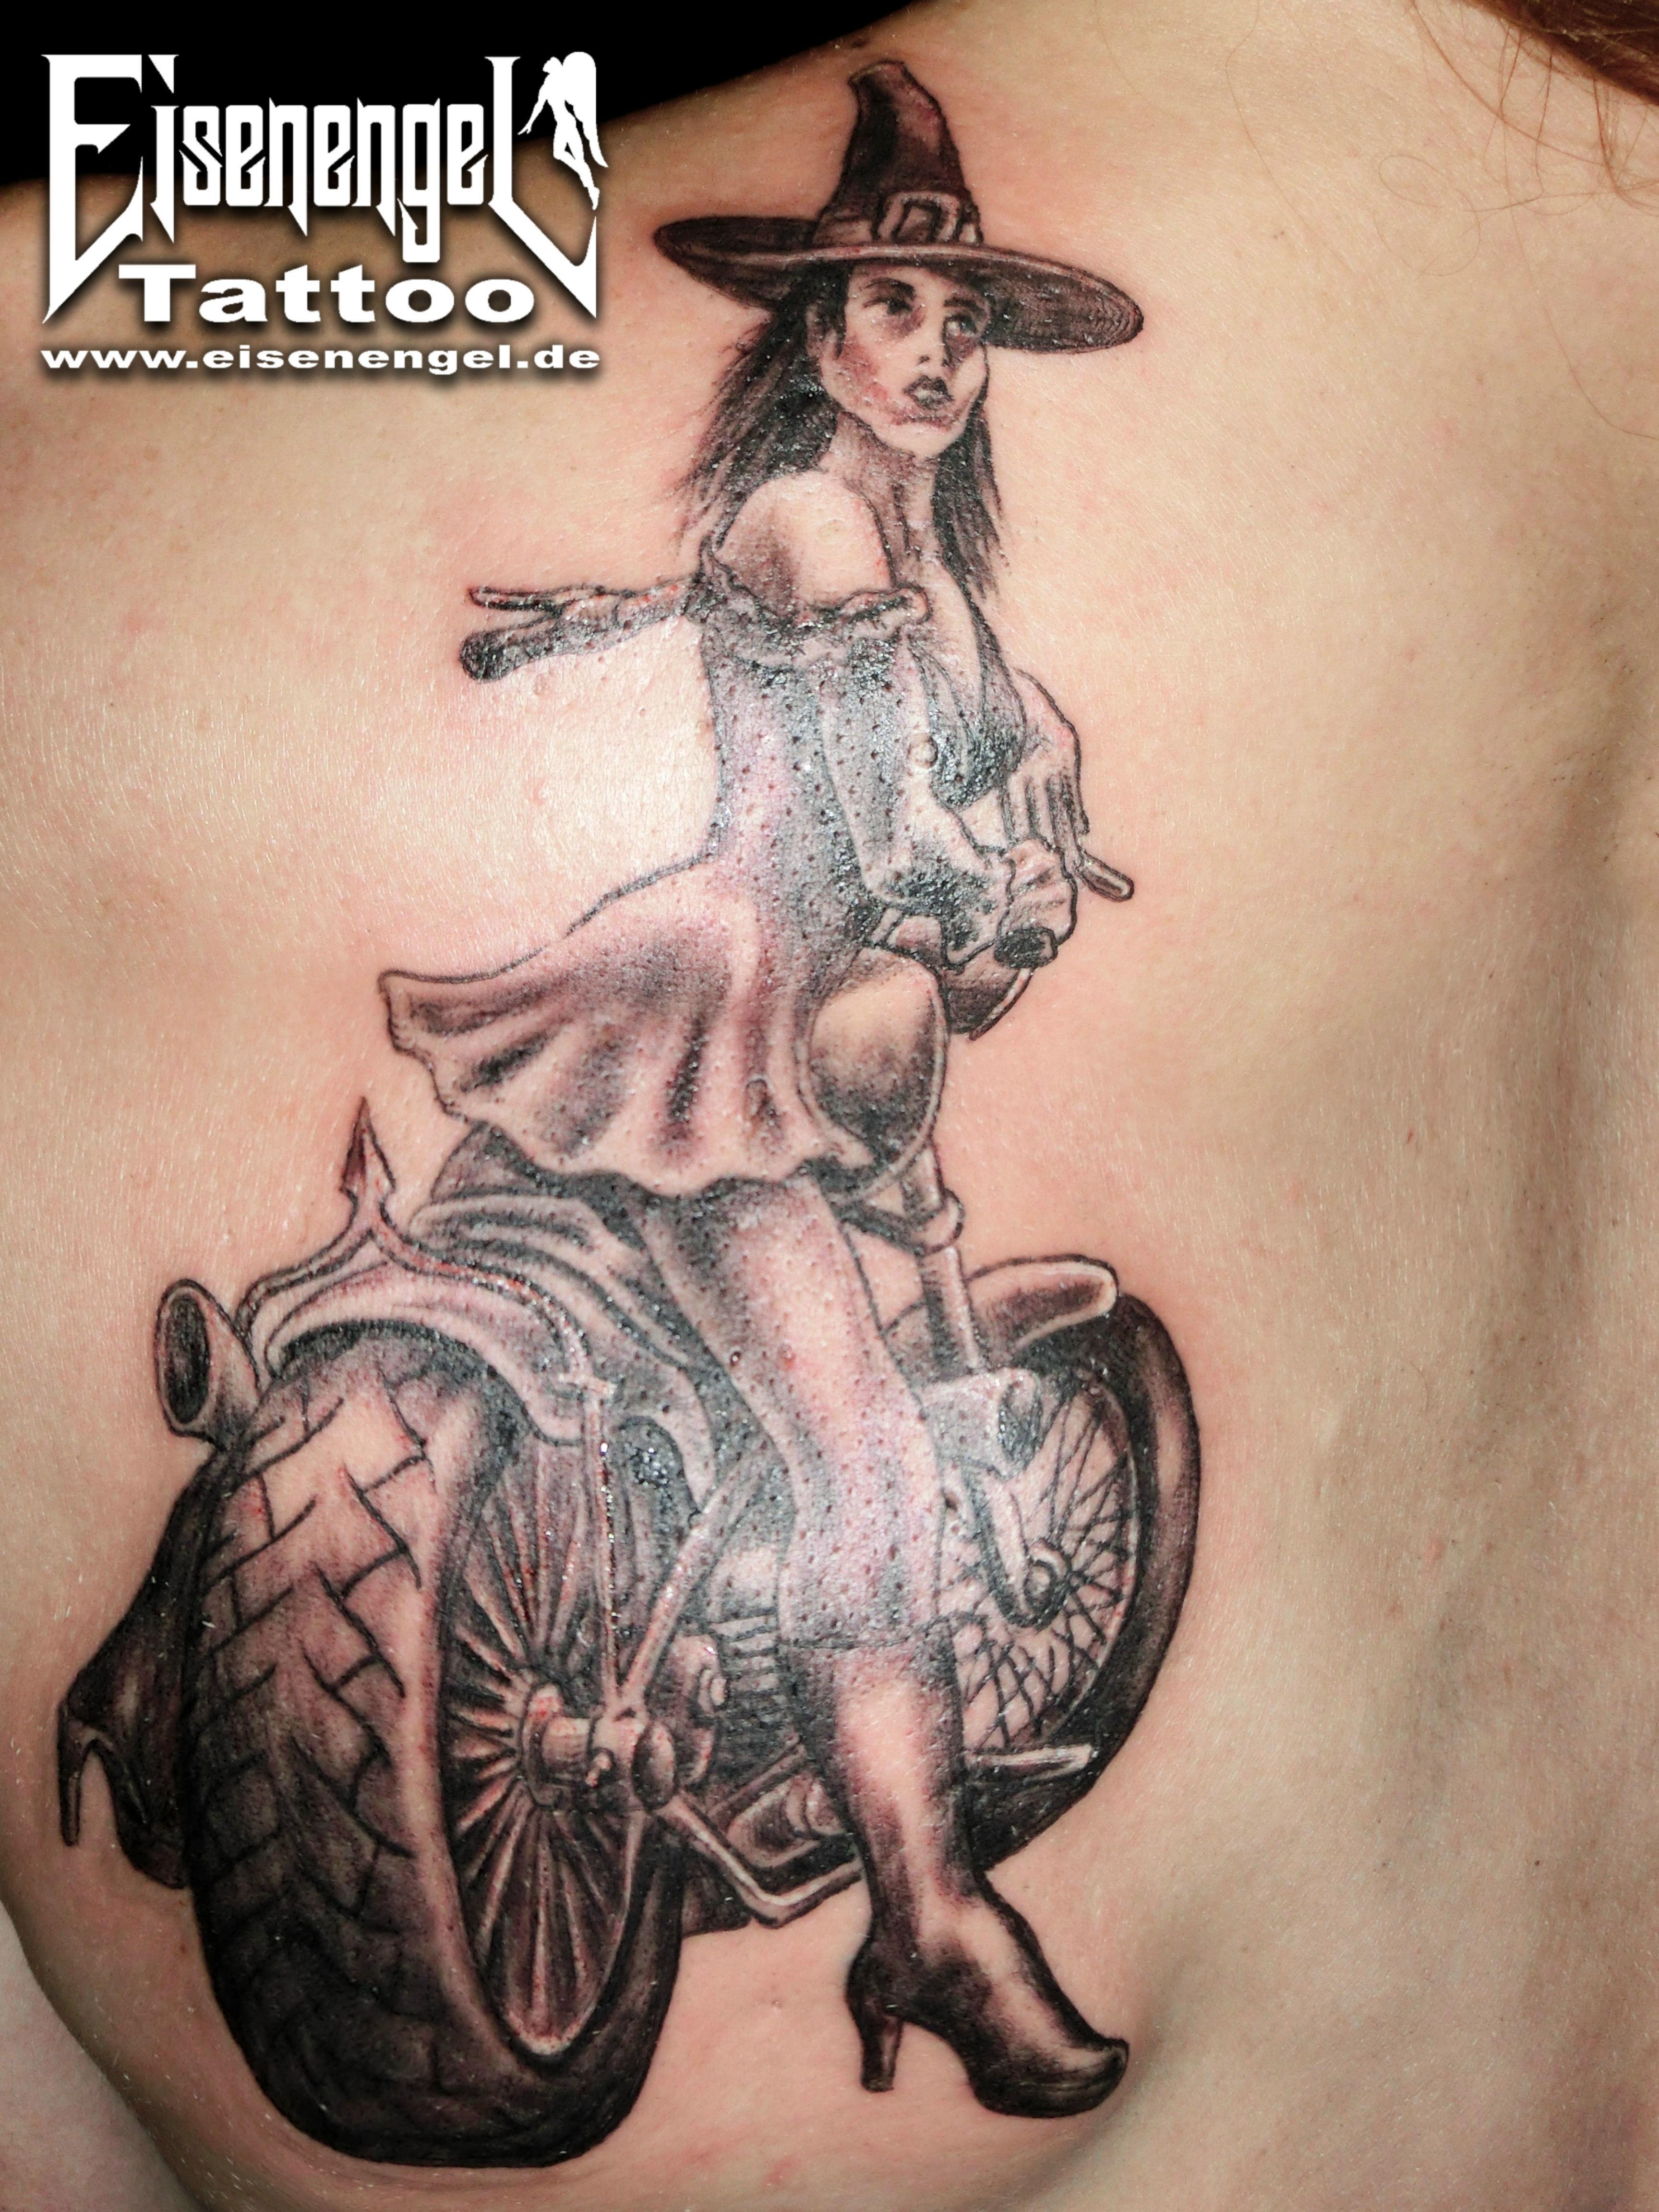 tattoo_biker_hexe.jpg